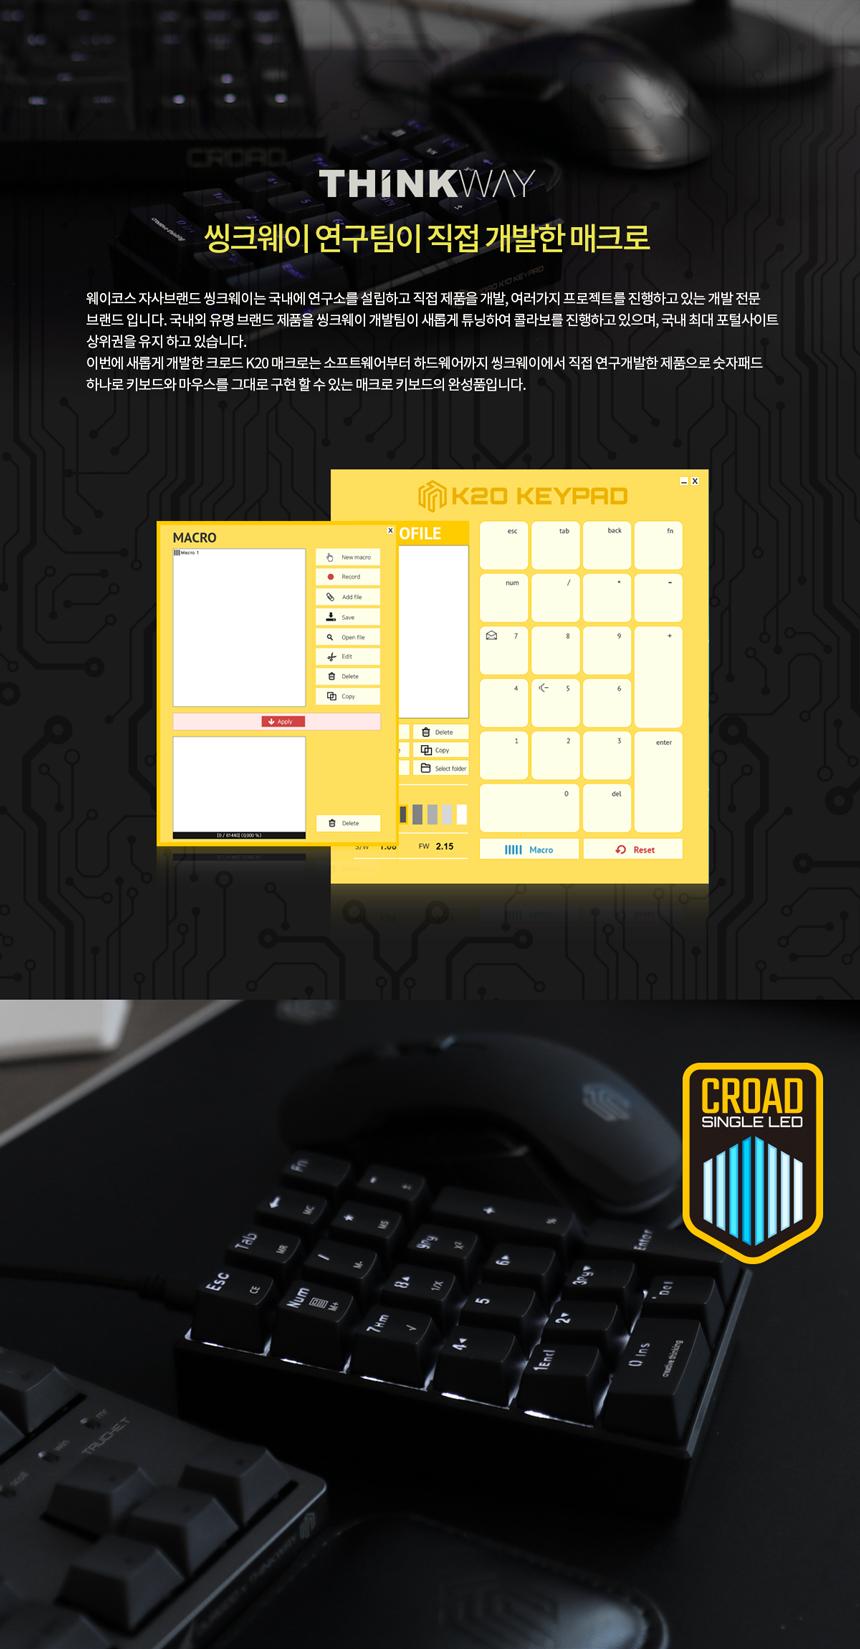 웨이코스 씽크웨이 CROAD K20 매크로 숫자 키패드(청축)